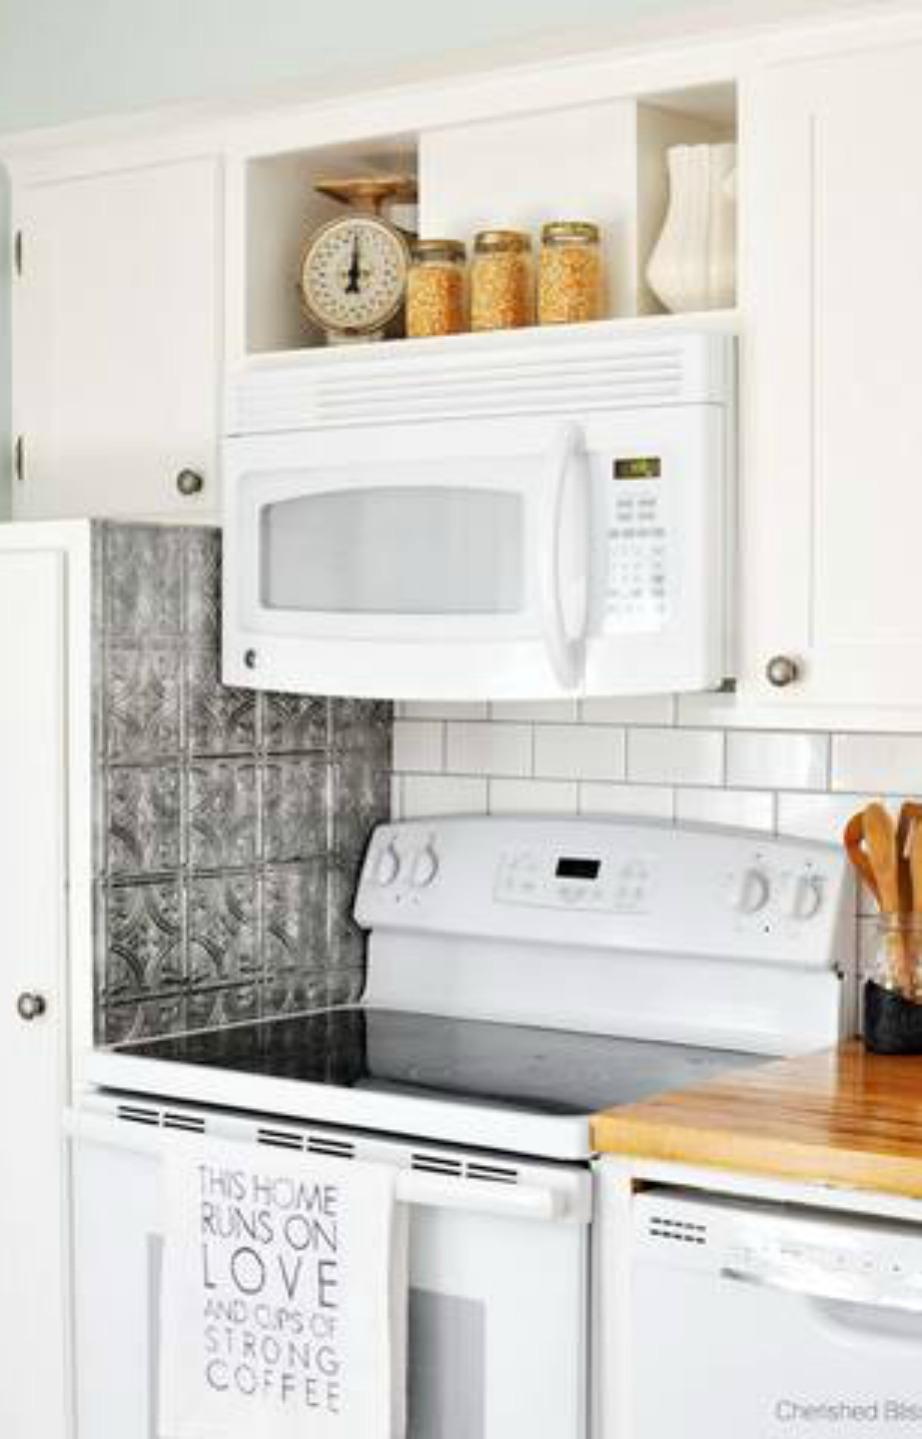 Μην ξεχνάτε να καθαρίζετε εσωτερικά τον φούρνο μικροκυμάτων σας.